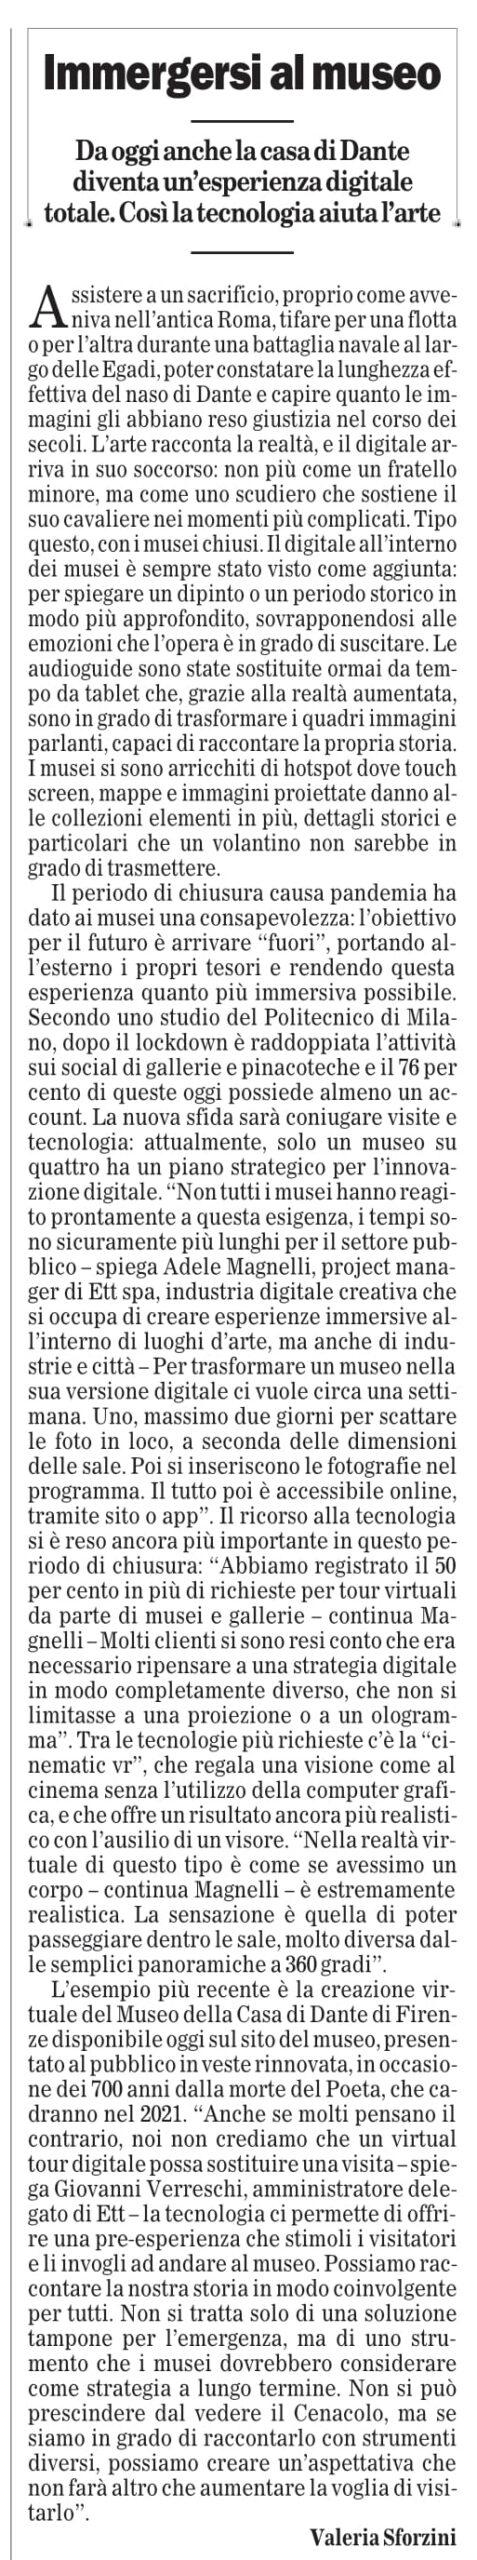 """""""Immergersi al museo"""" - Il Foglio"""